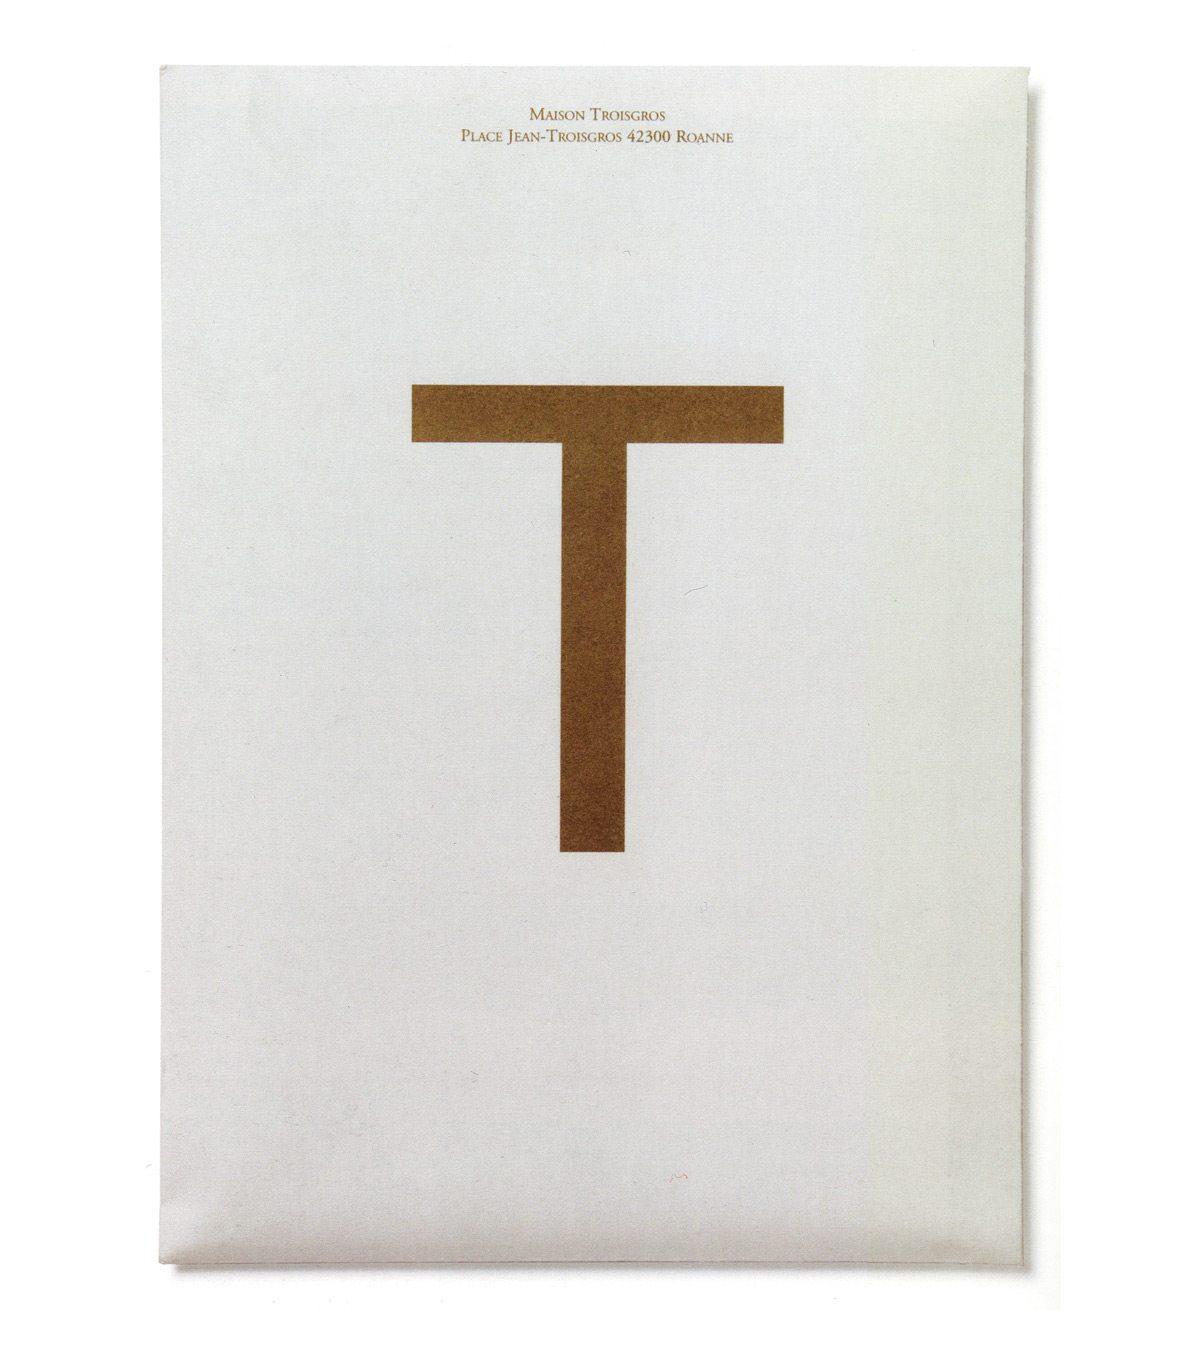 Enveloppe de la maison Troisgros, pour y glisser la brochure, design IchetKar